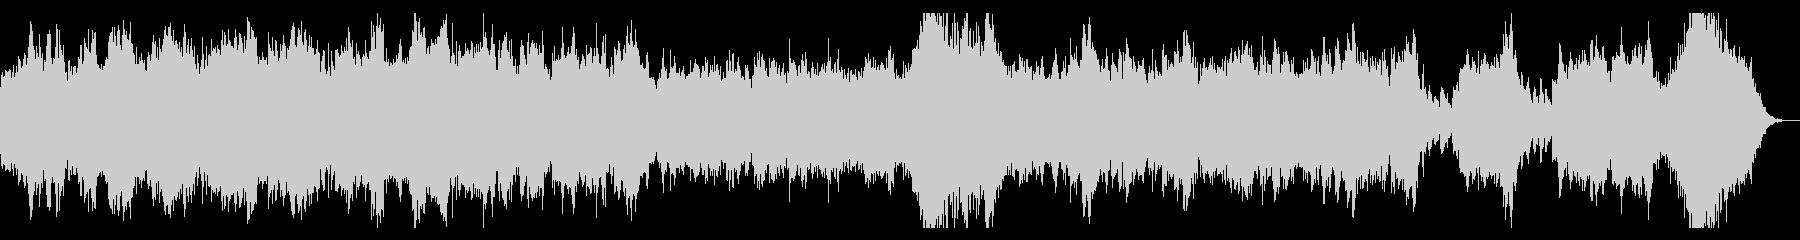 ホラー系 ダークなオーケストラBGMの未再生の波形